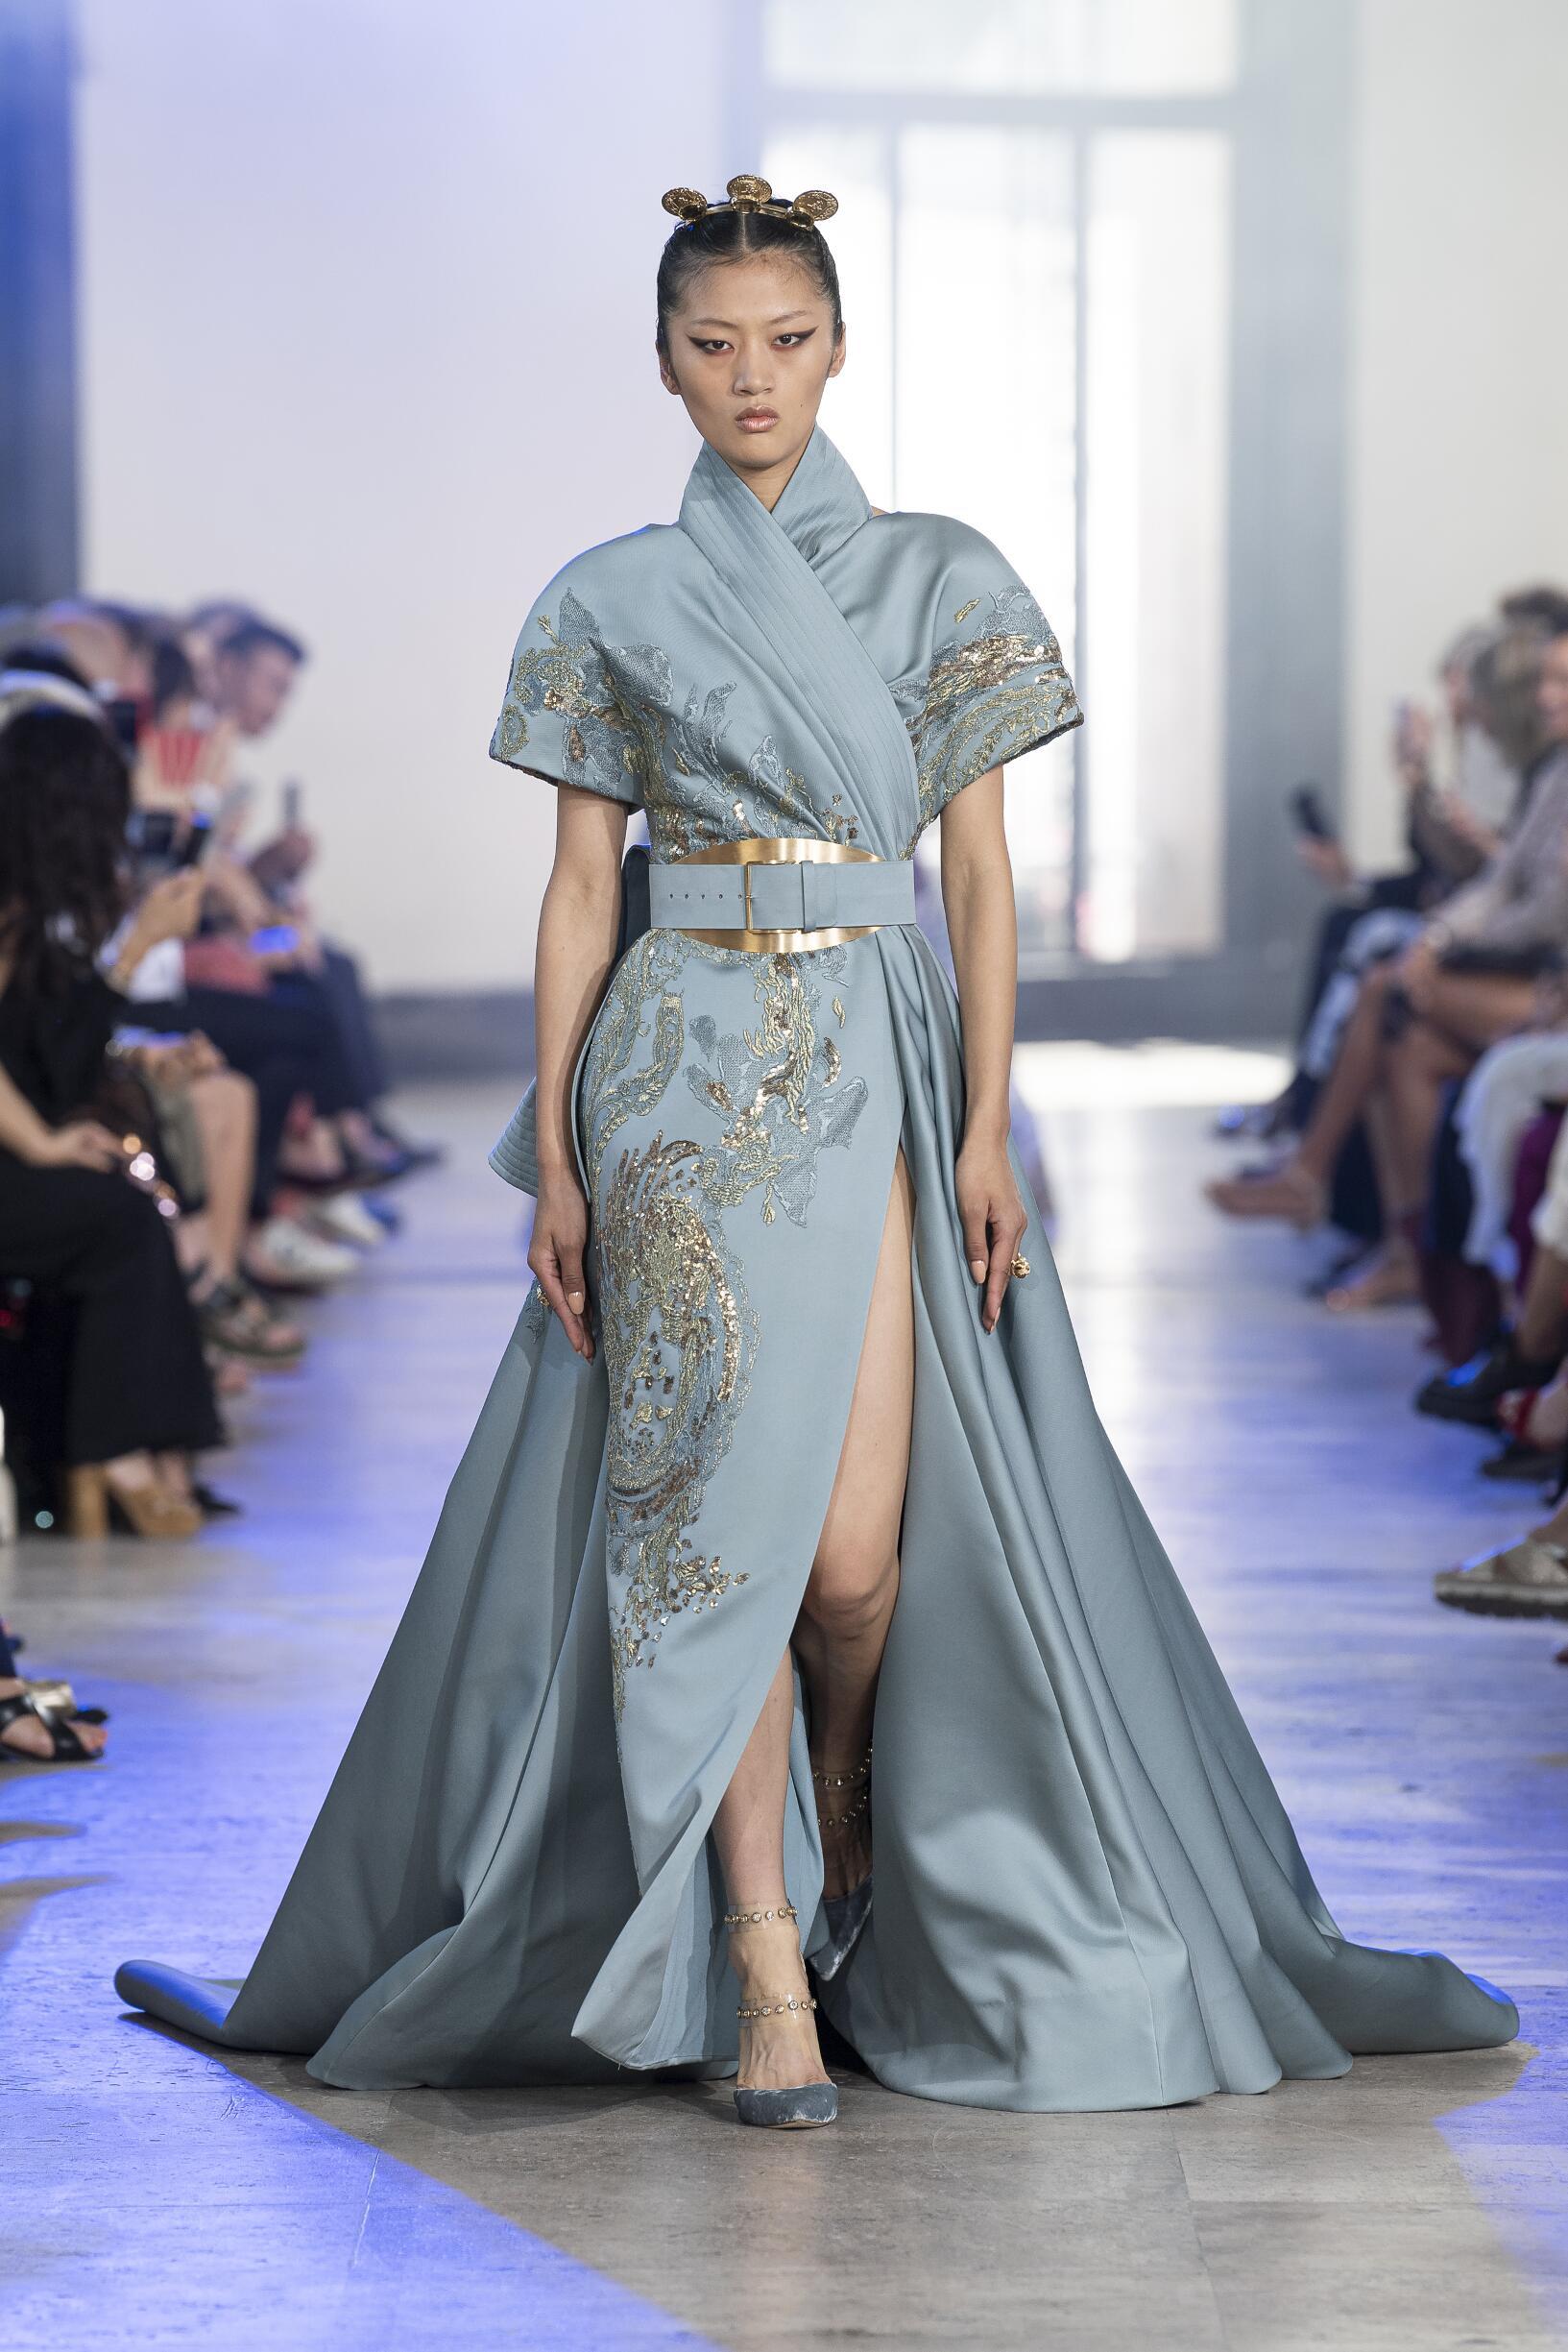 Fall Fashion 2019 Elie Saab Haute Couture